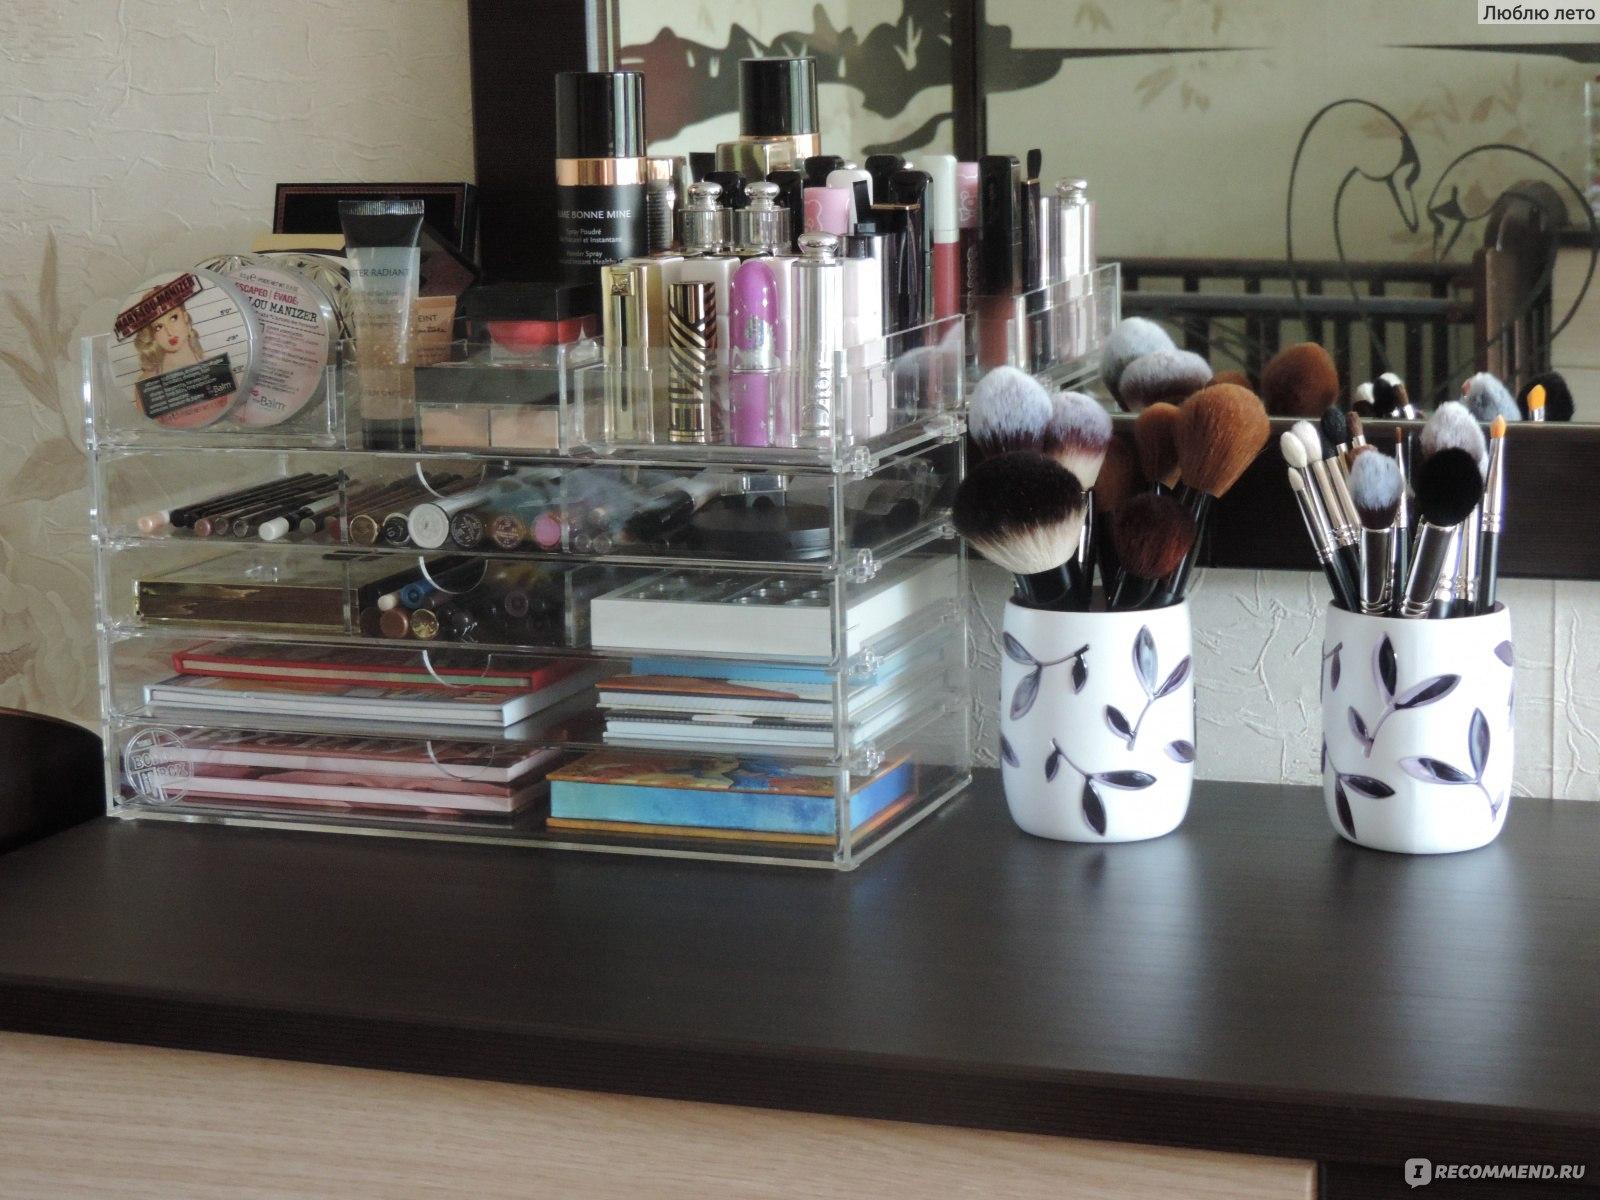 Купить органайзер для косметики the bonny box мыло от невской косметики купить